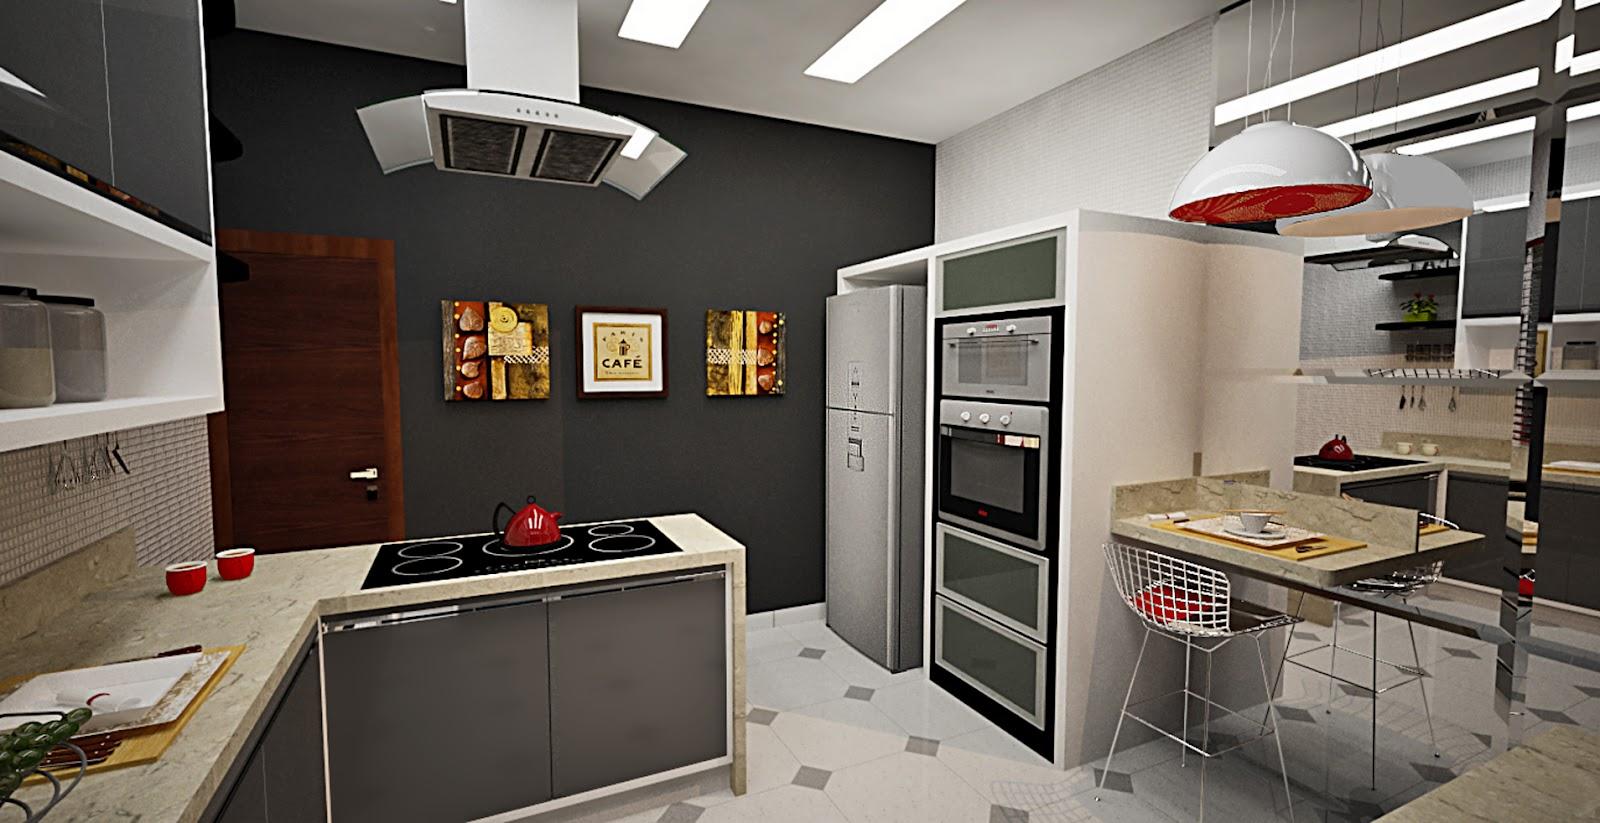 Cozinha com decoração contemporânea utilização de espelhos com  #AB8620 1600 823